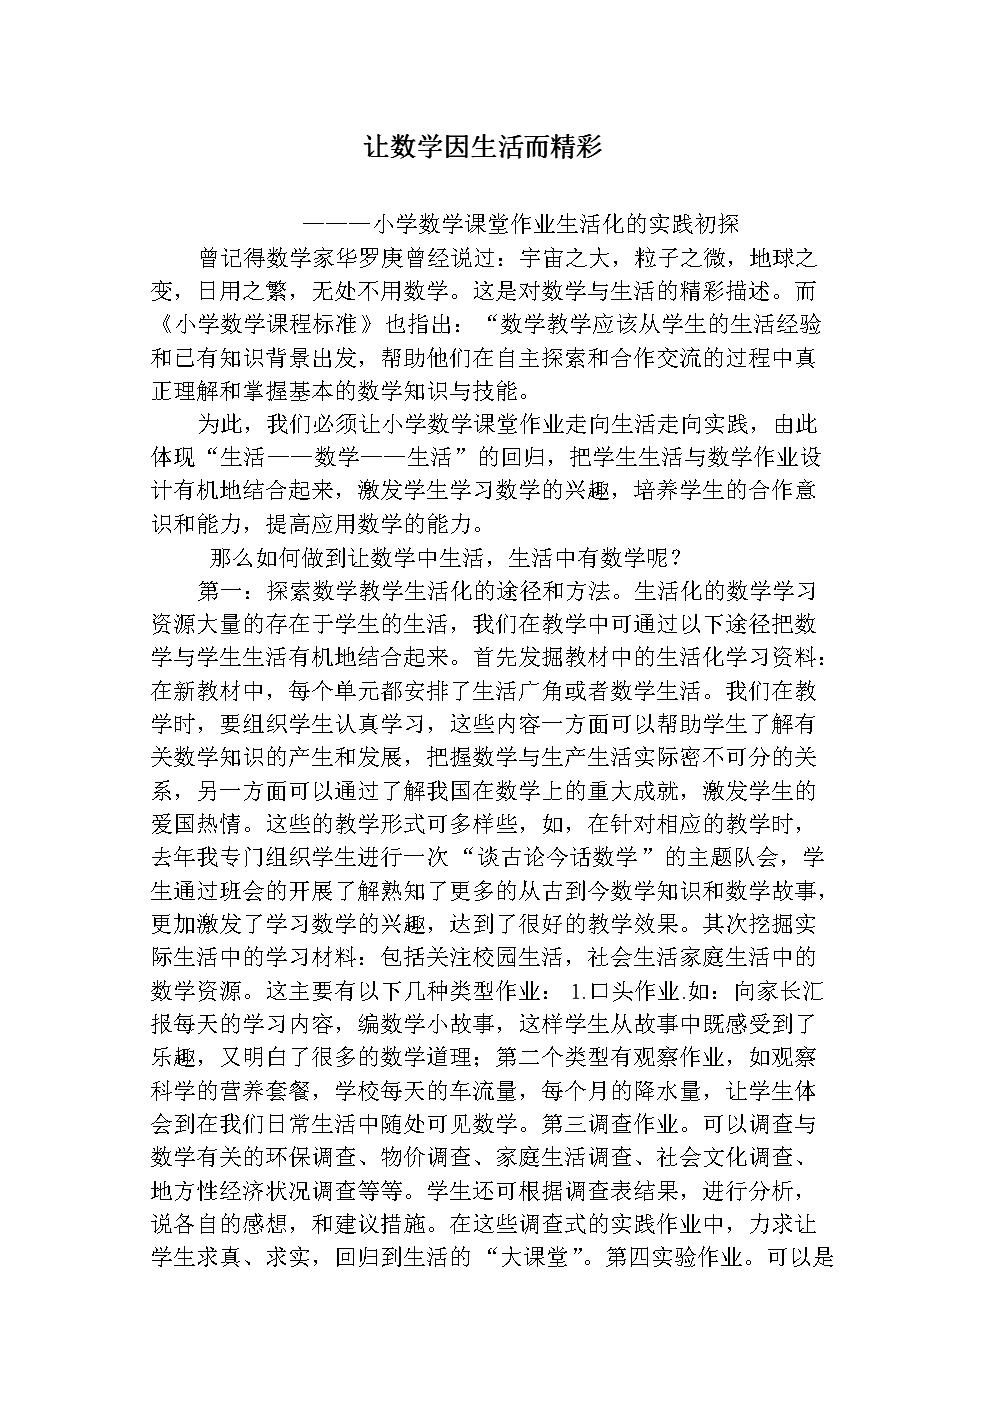 小学数学课堂作业生活化的实践初探.doc